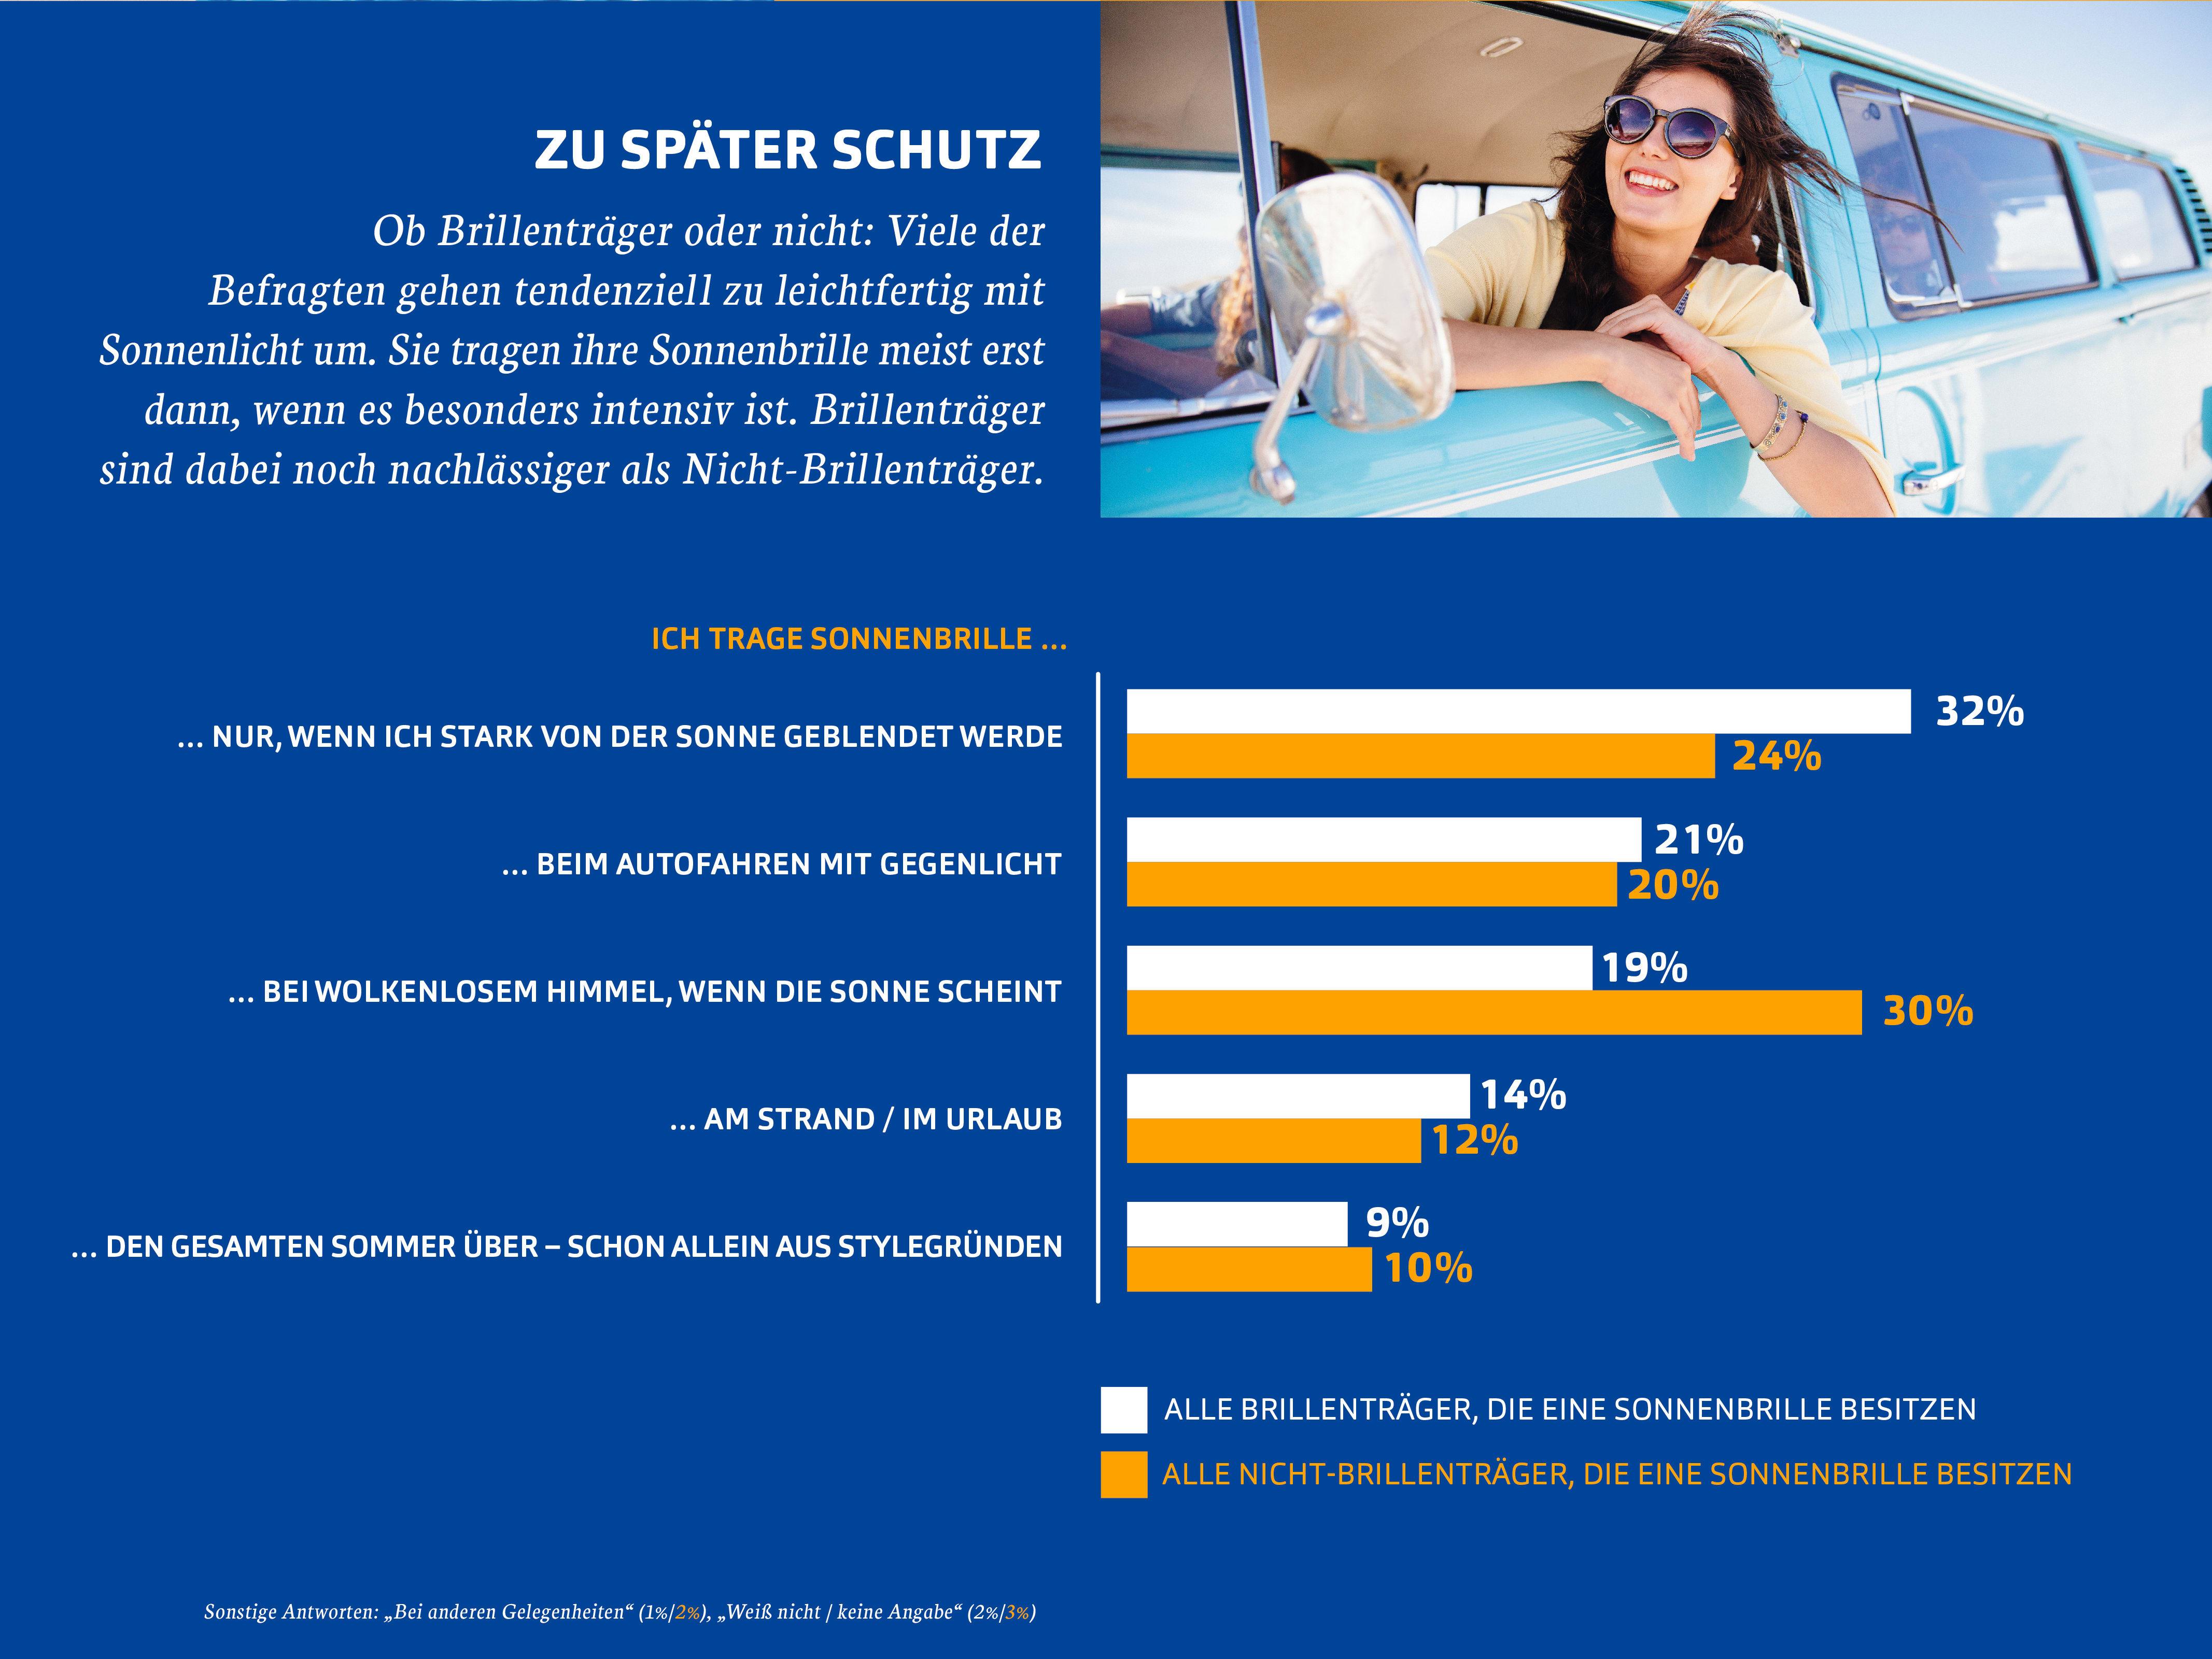 Viele Deutsche gehen leichtsinnig mit Sonnenlicht um